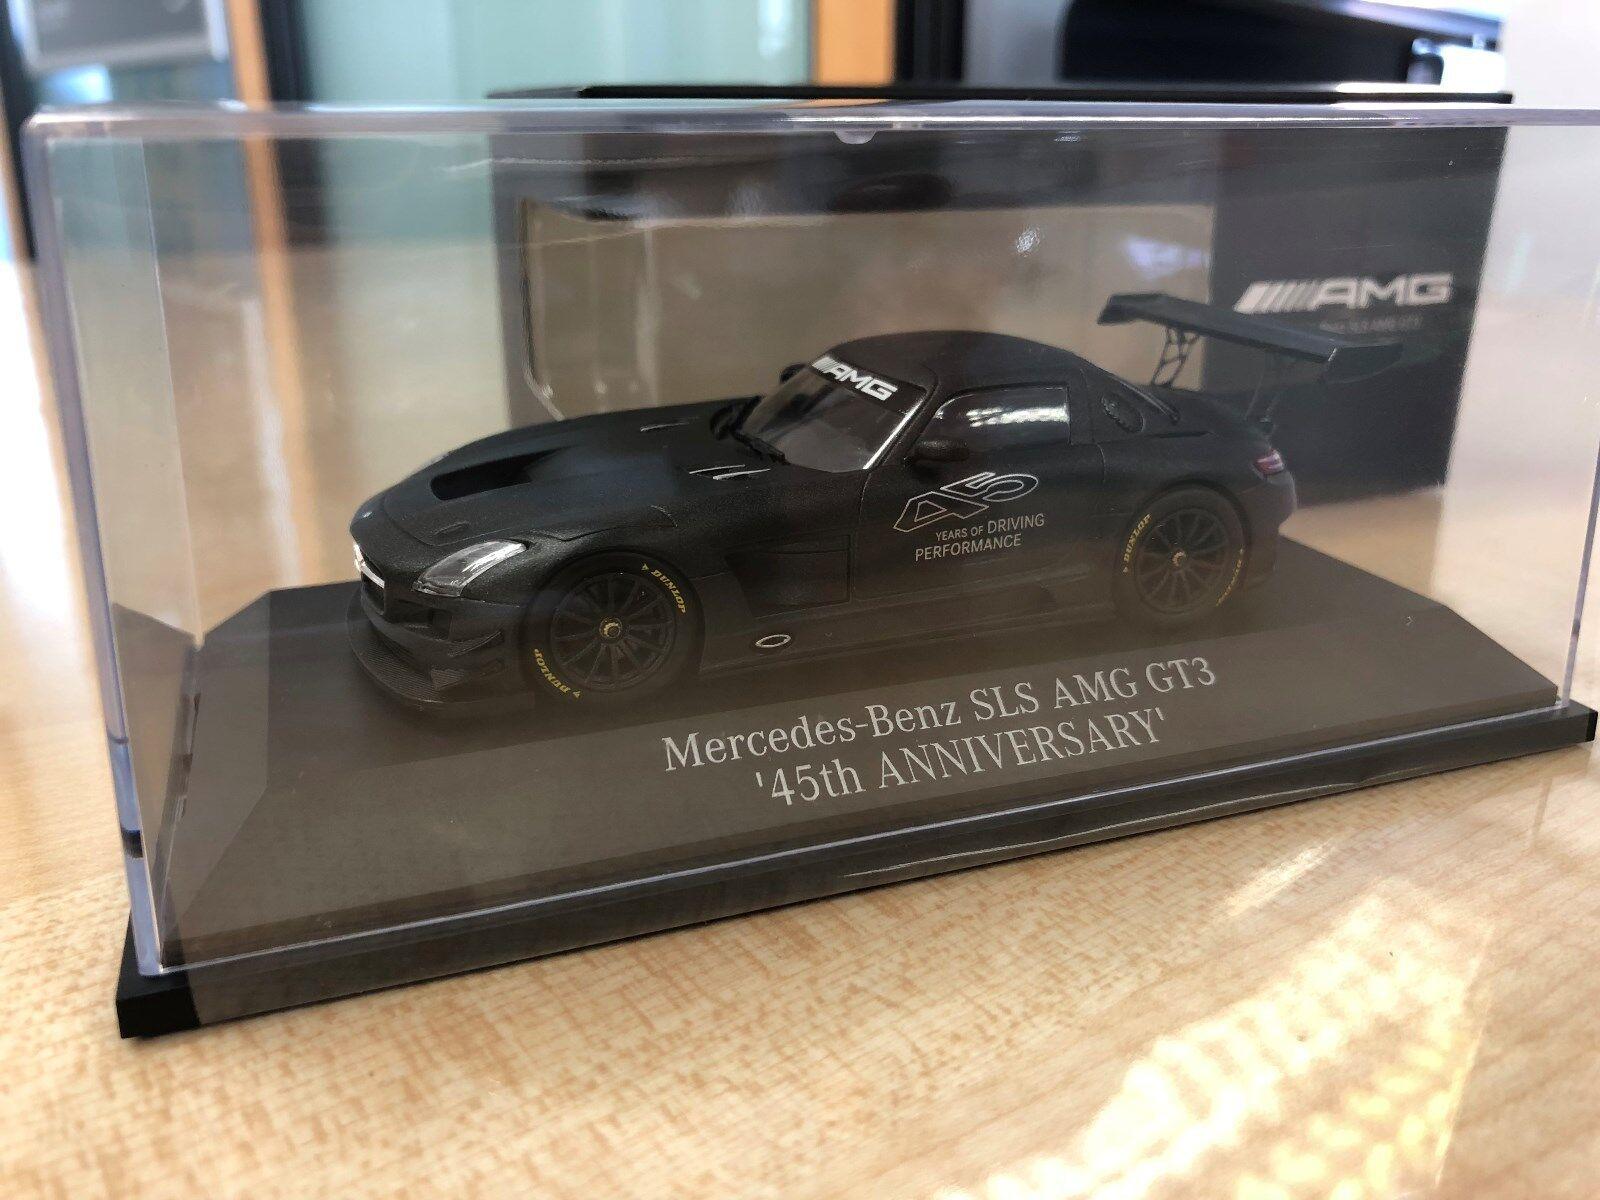 Mercedes Benz, SLS AMG GT3, 45th ANNIVERSARY, 1 43 Modell, Limited Edition  | Verschiedene Arten und Stile